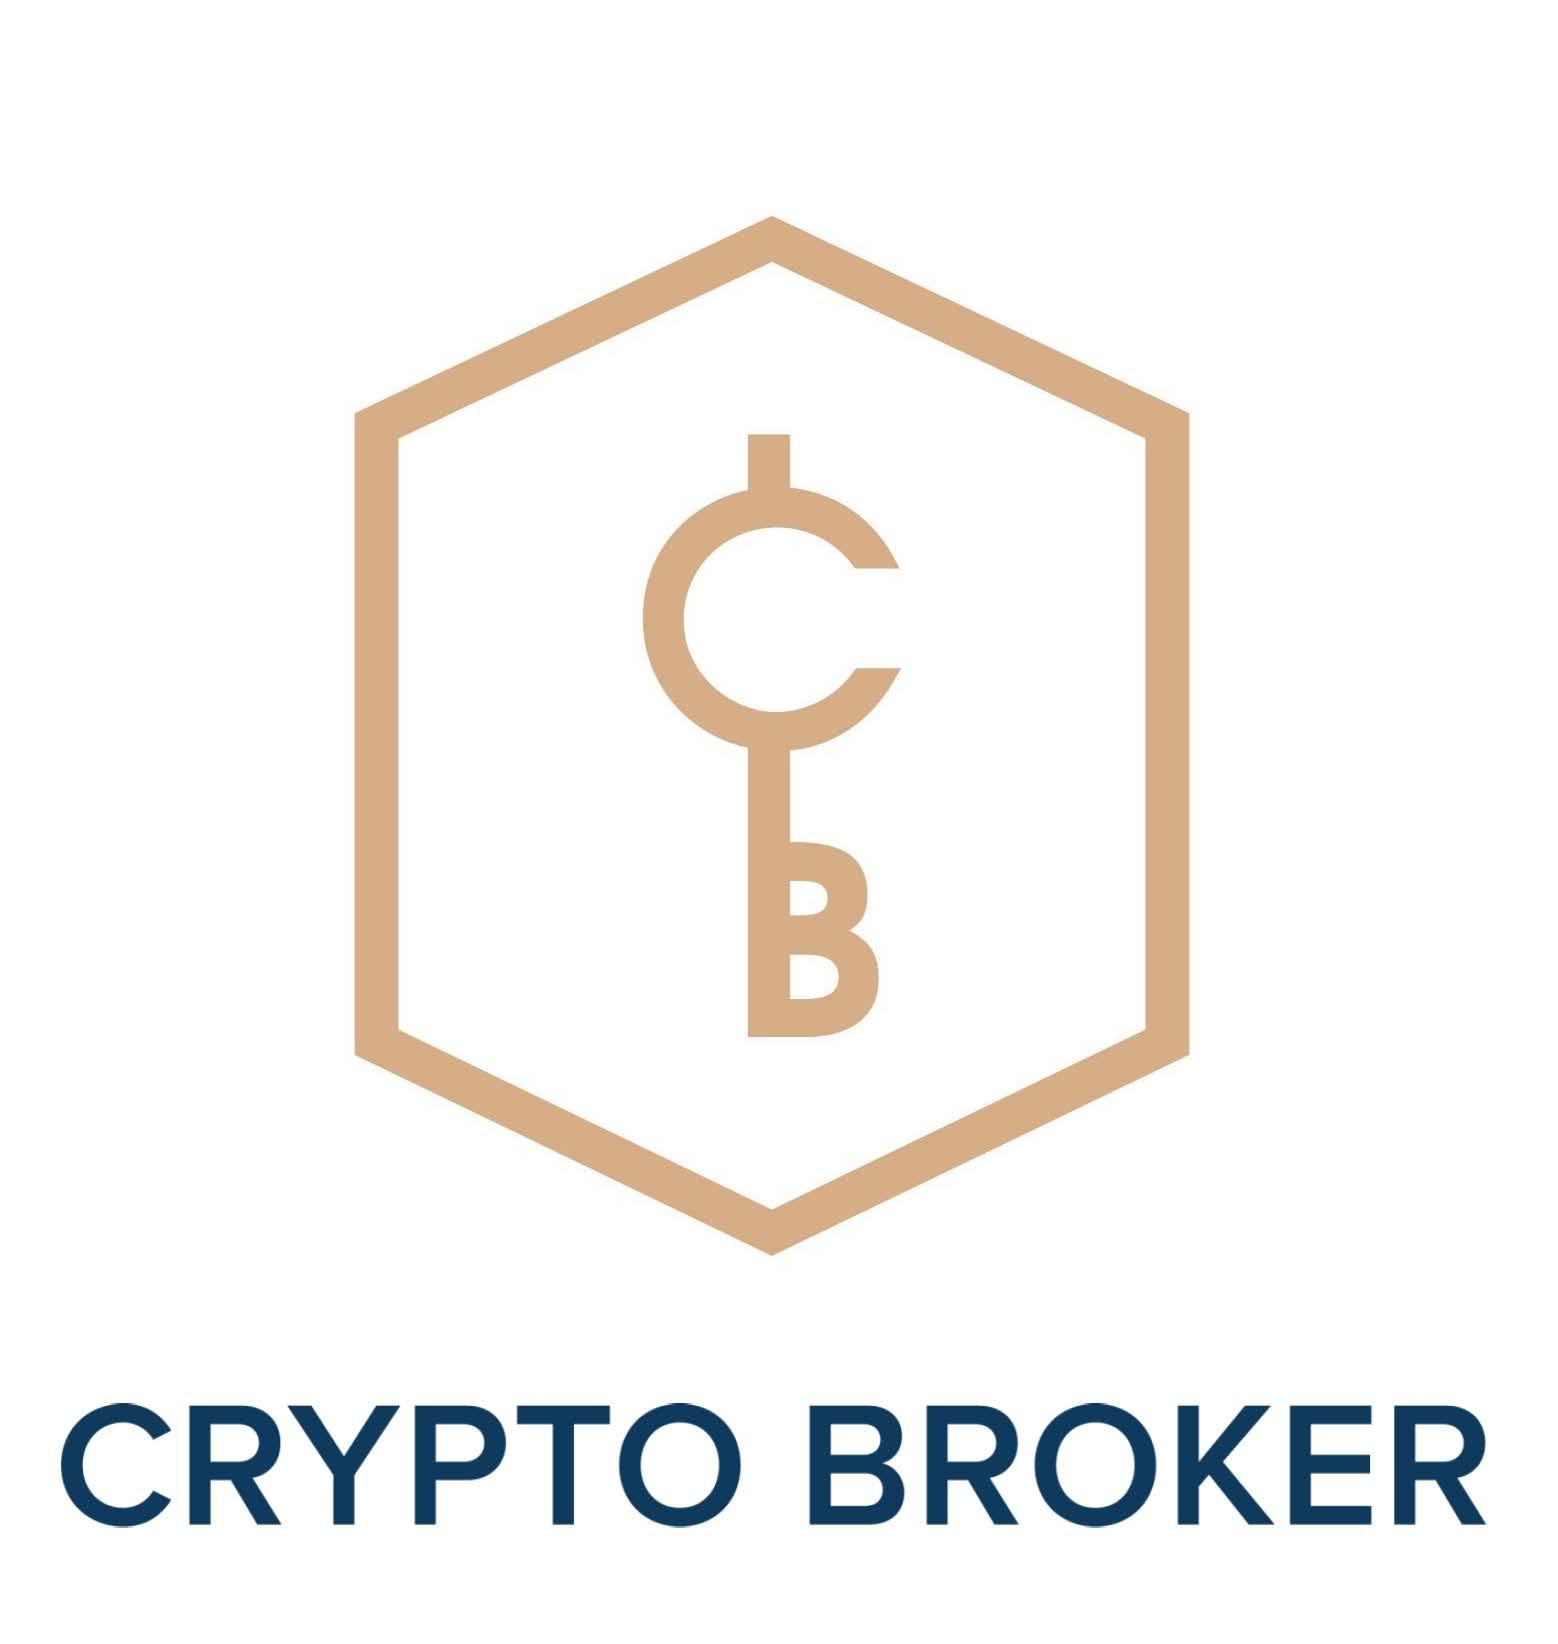 trader joe crypto how to be a crypto broker